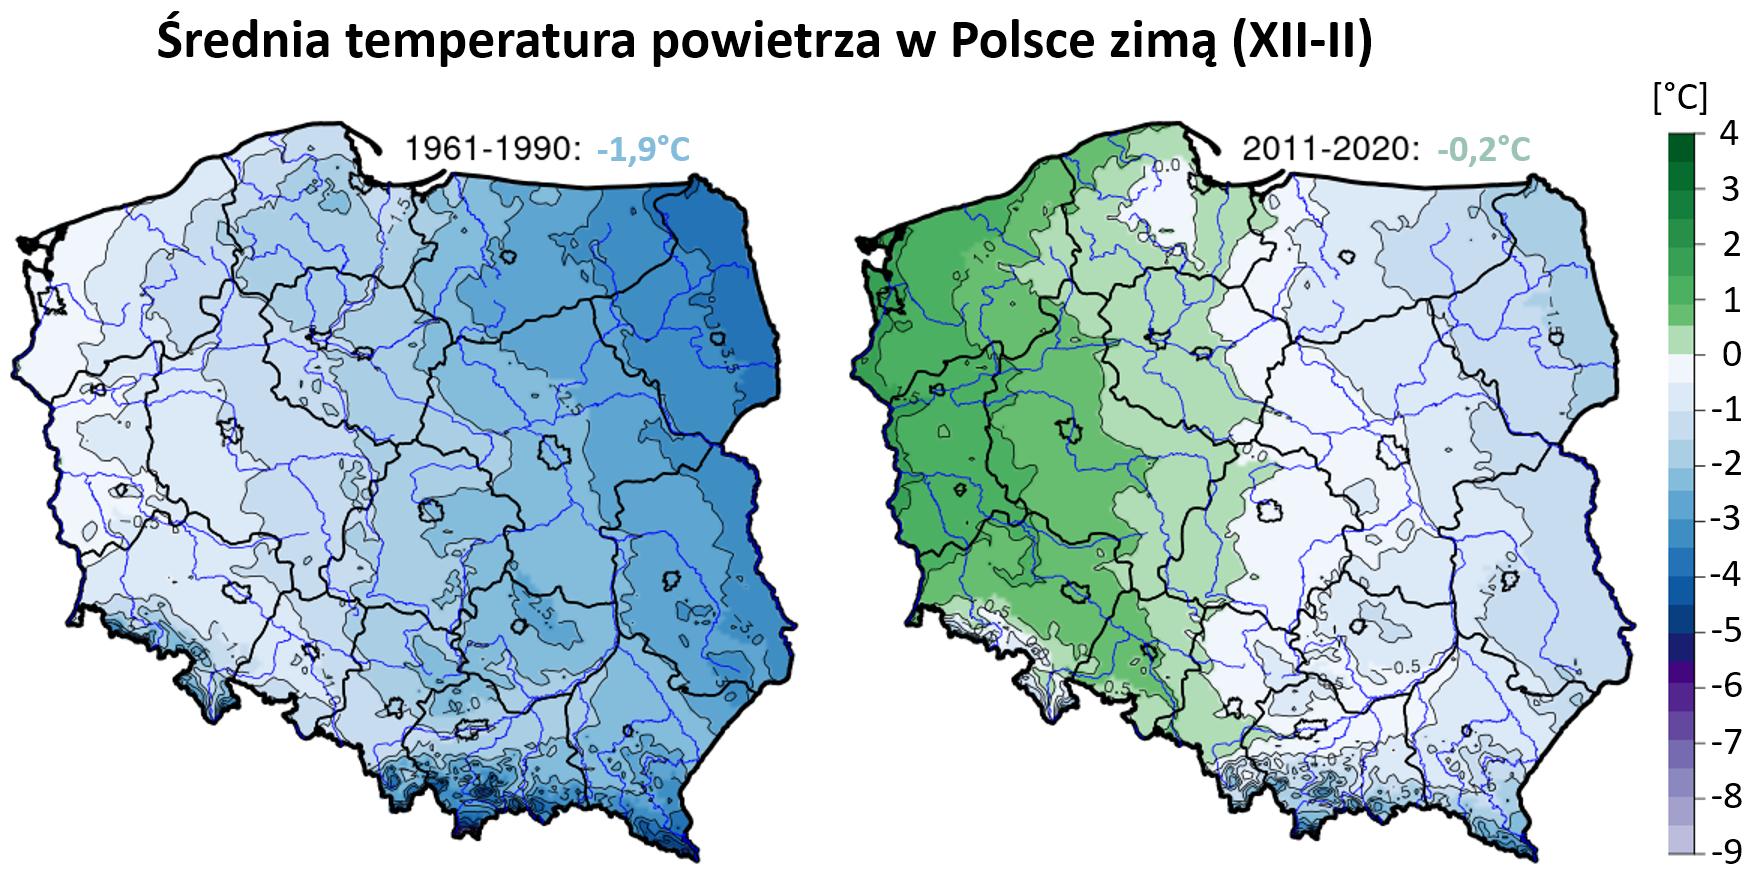 Mapy: średnia temperatura powietrza zimą w Polsce w okresie 1961-1990 i 2011-2020